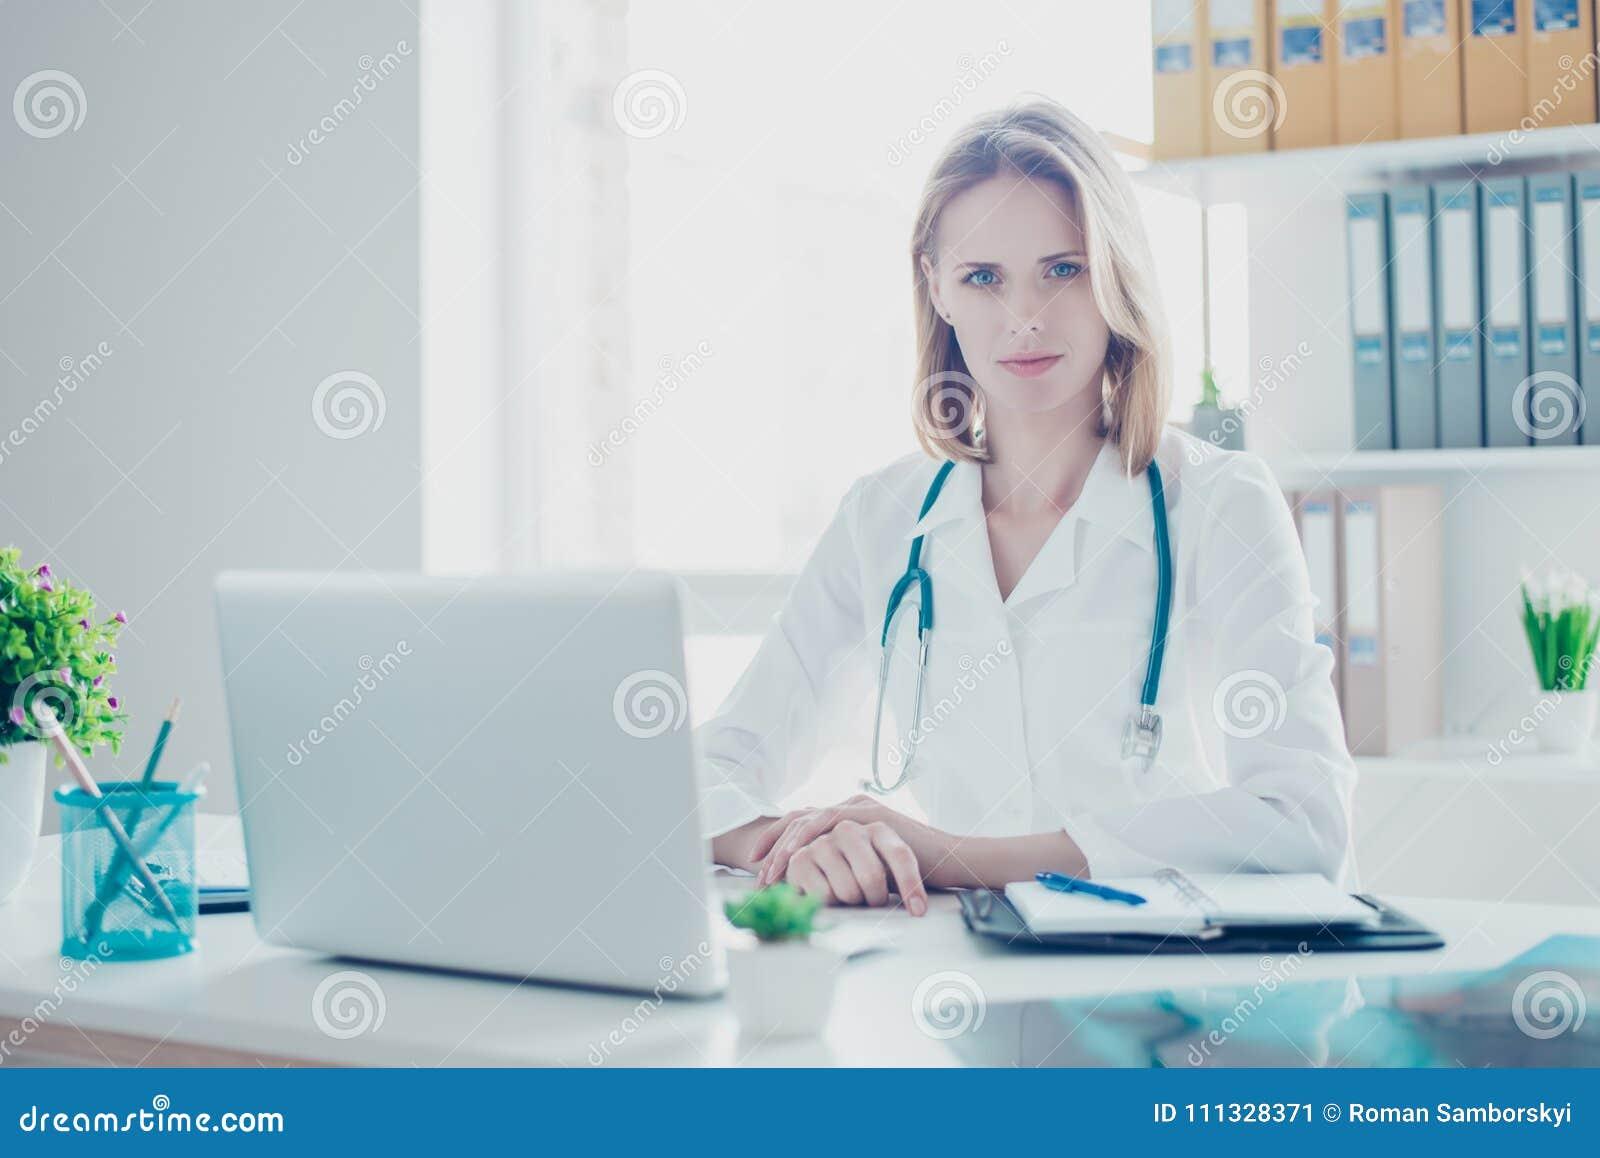 Sh portret van zekere geconcentreerde medisch student die witte laag dragen,